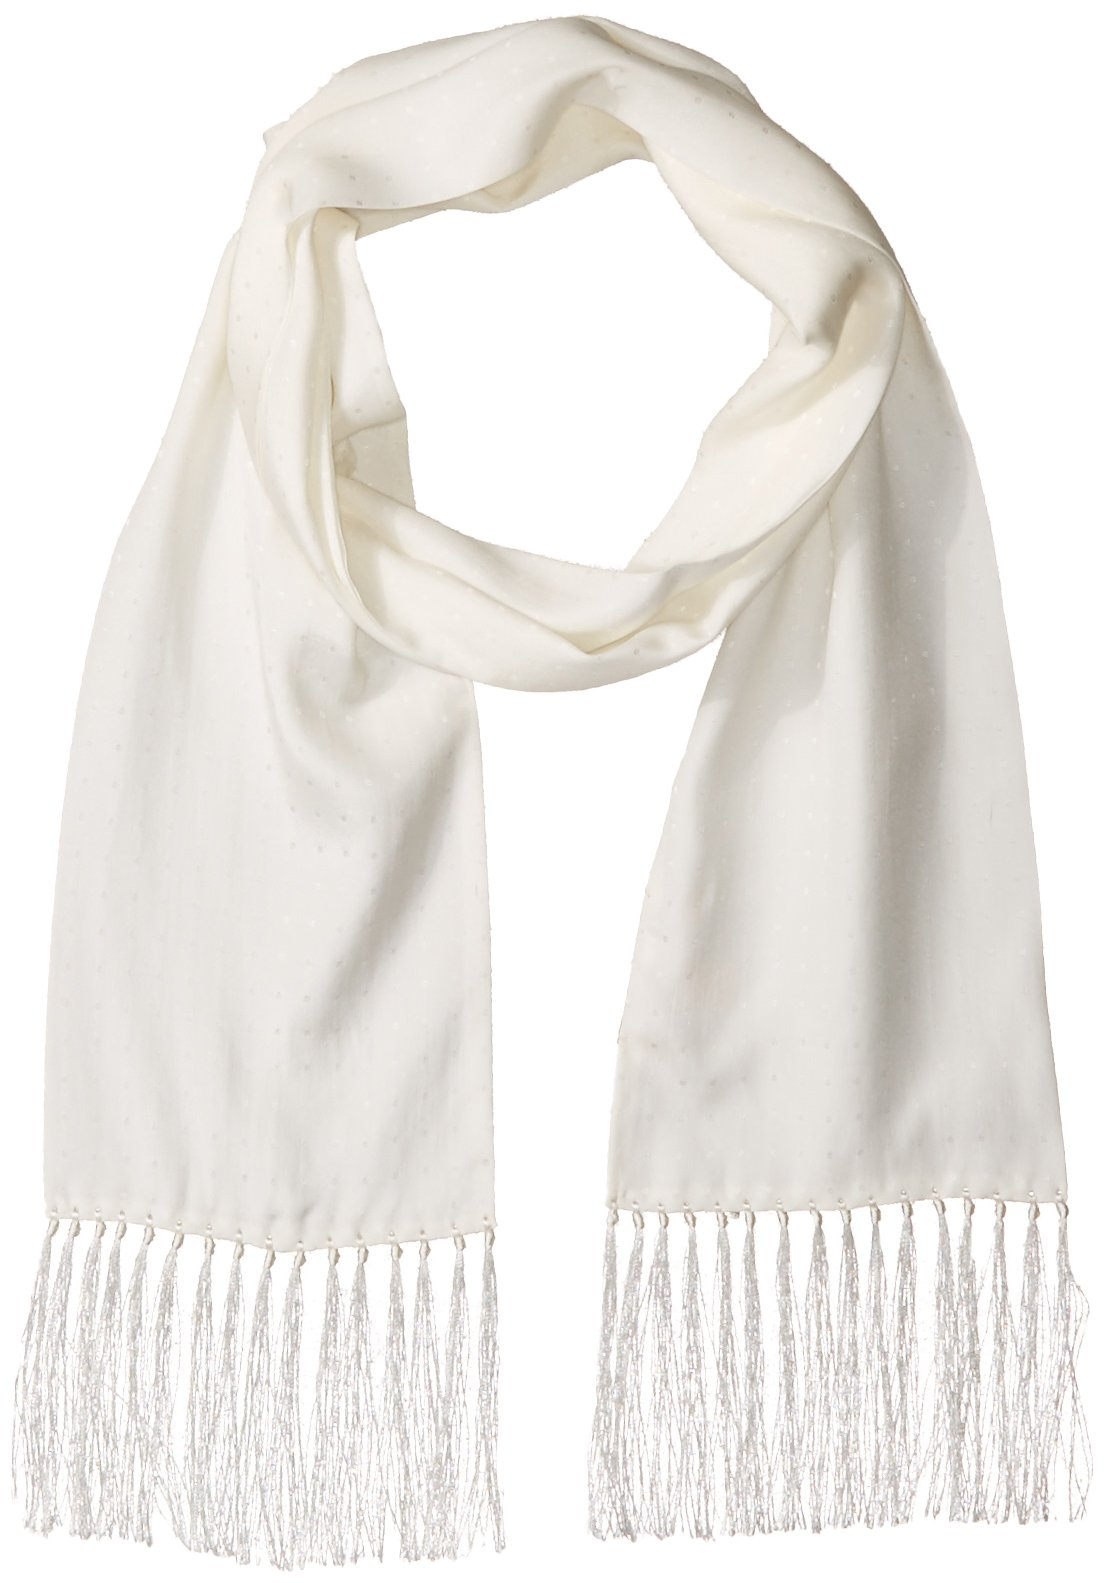 Hickey Freeman Men's Silk Jacquard White Polka Dot Tuxedo Dress Scarf, white/white, One Size